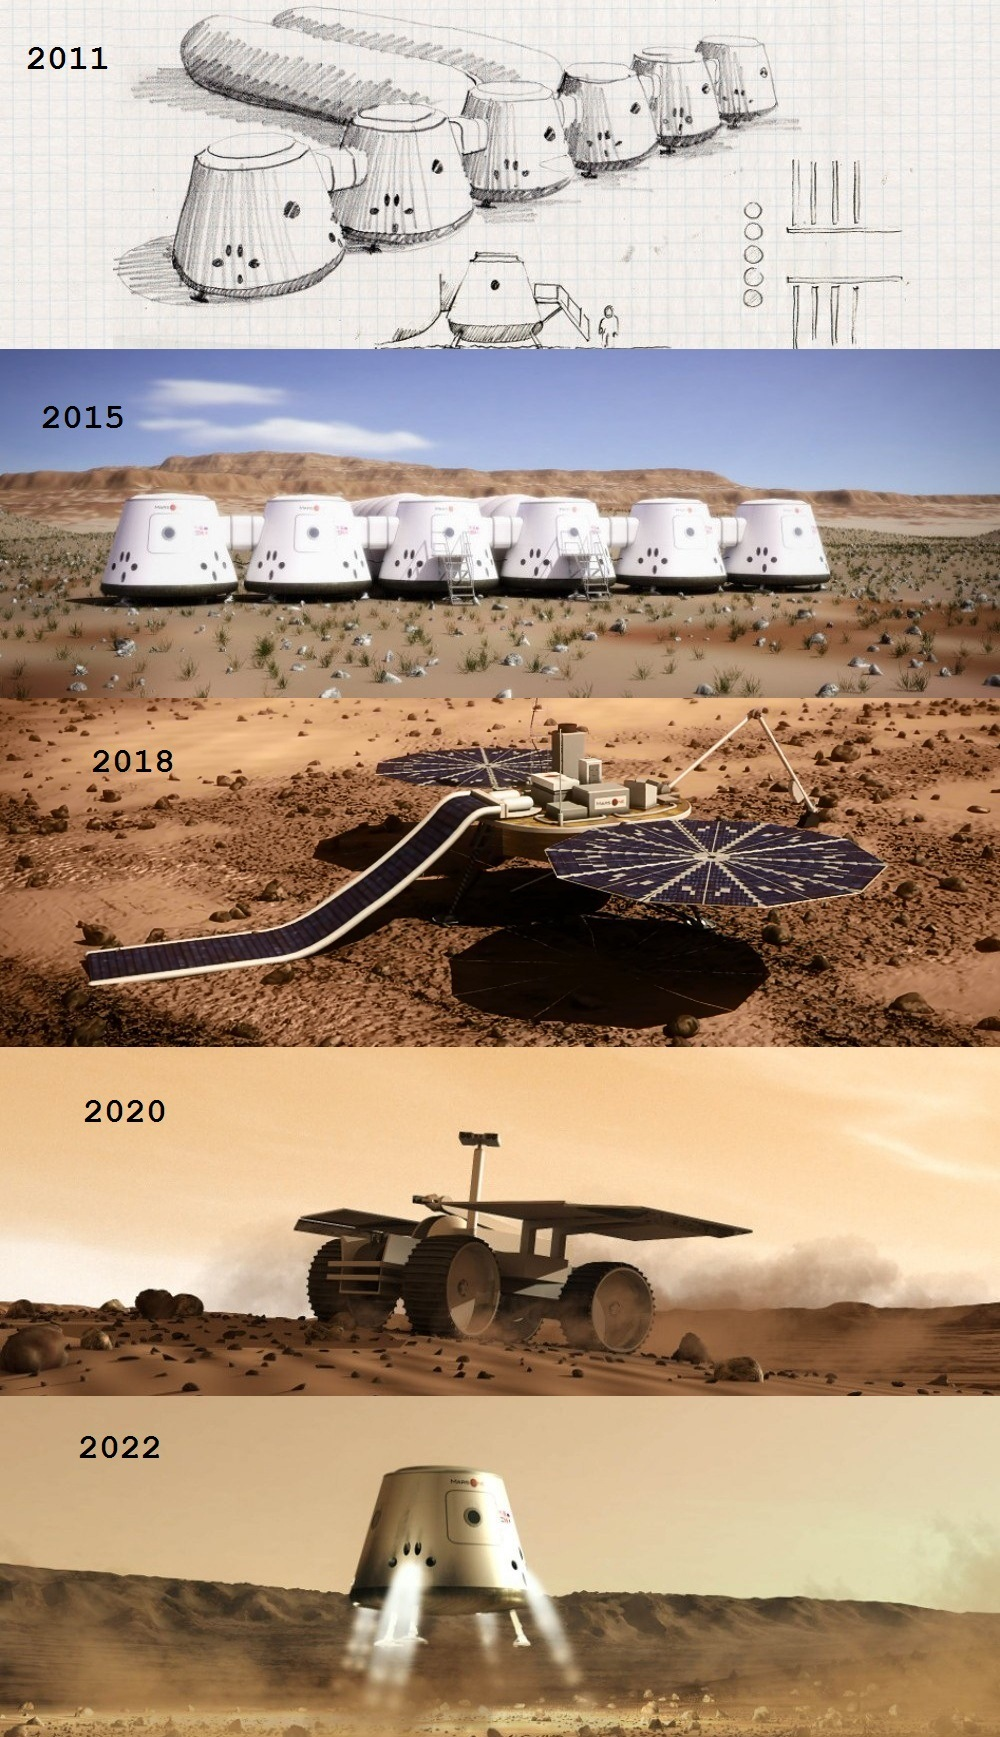 داوطلبان سفر بی بازگشت به مریخ